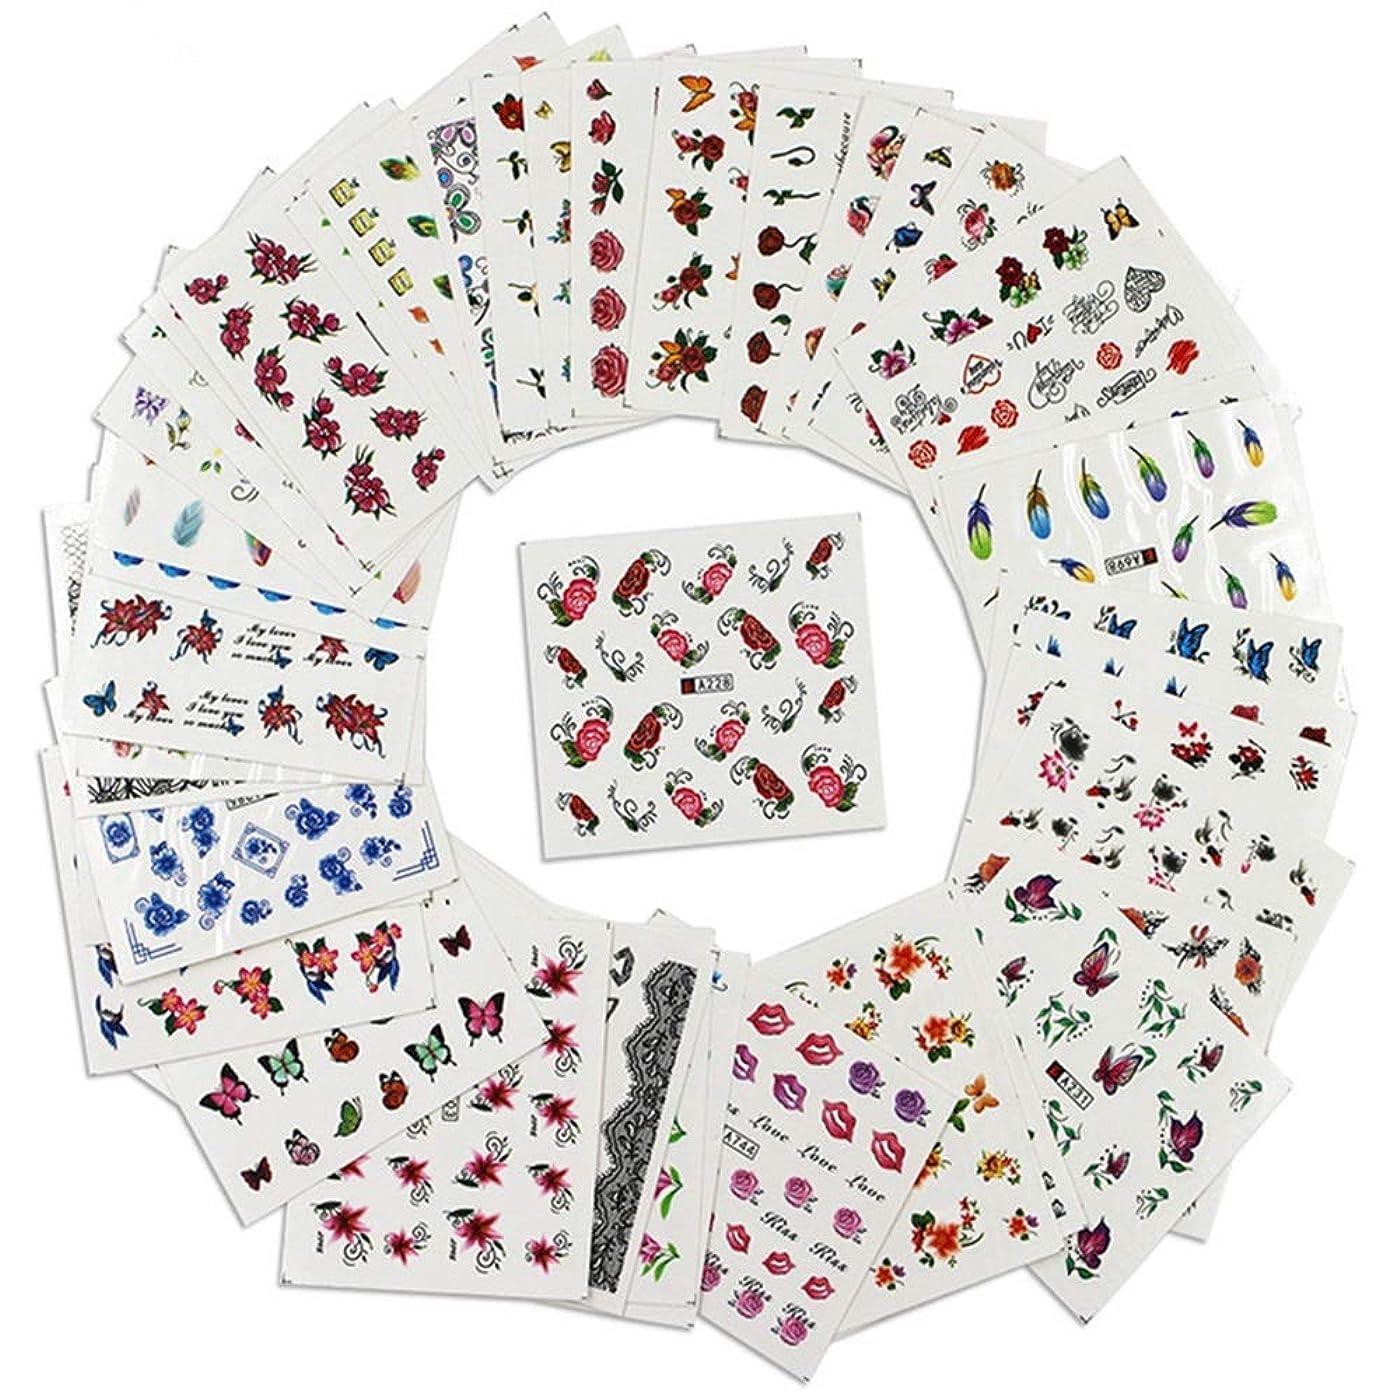 参加する促す適度なネイルアート ステッカー 花柄 シール 貼るだけマニキュア セットステッカー 女性 重ね貼り 誕生日パーティー ネイル用品 マニキュアツール ネイルステッカー 50個/セット ネイルステッカー付き